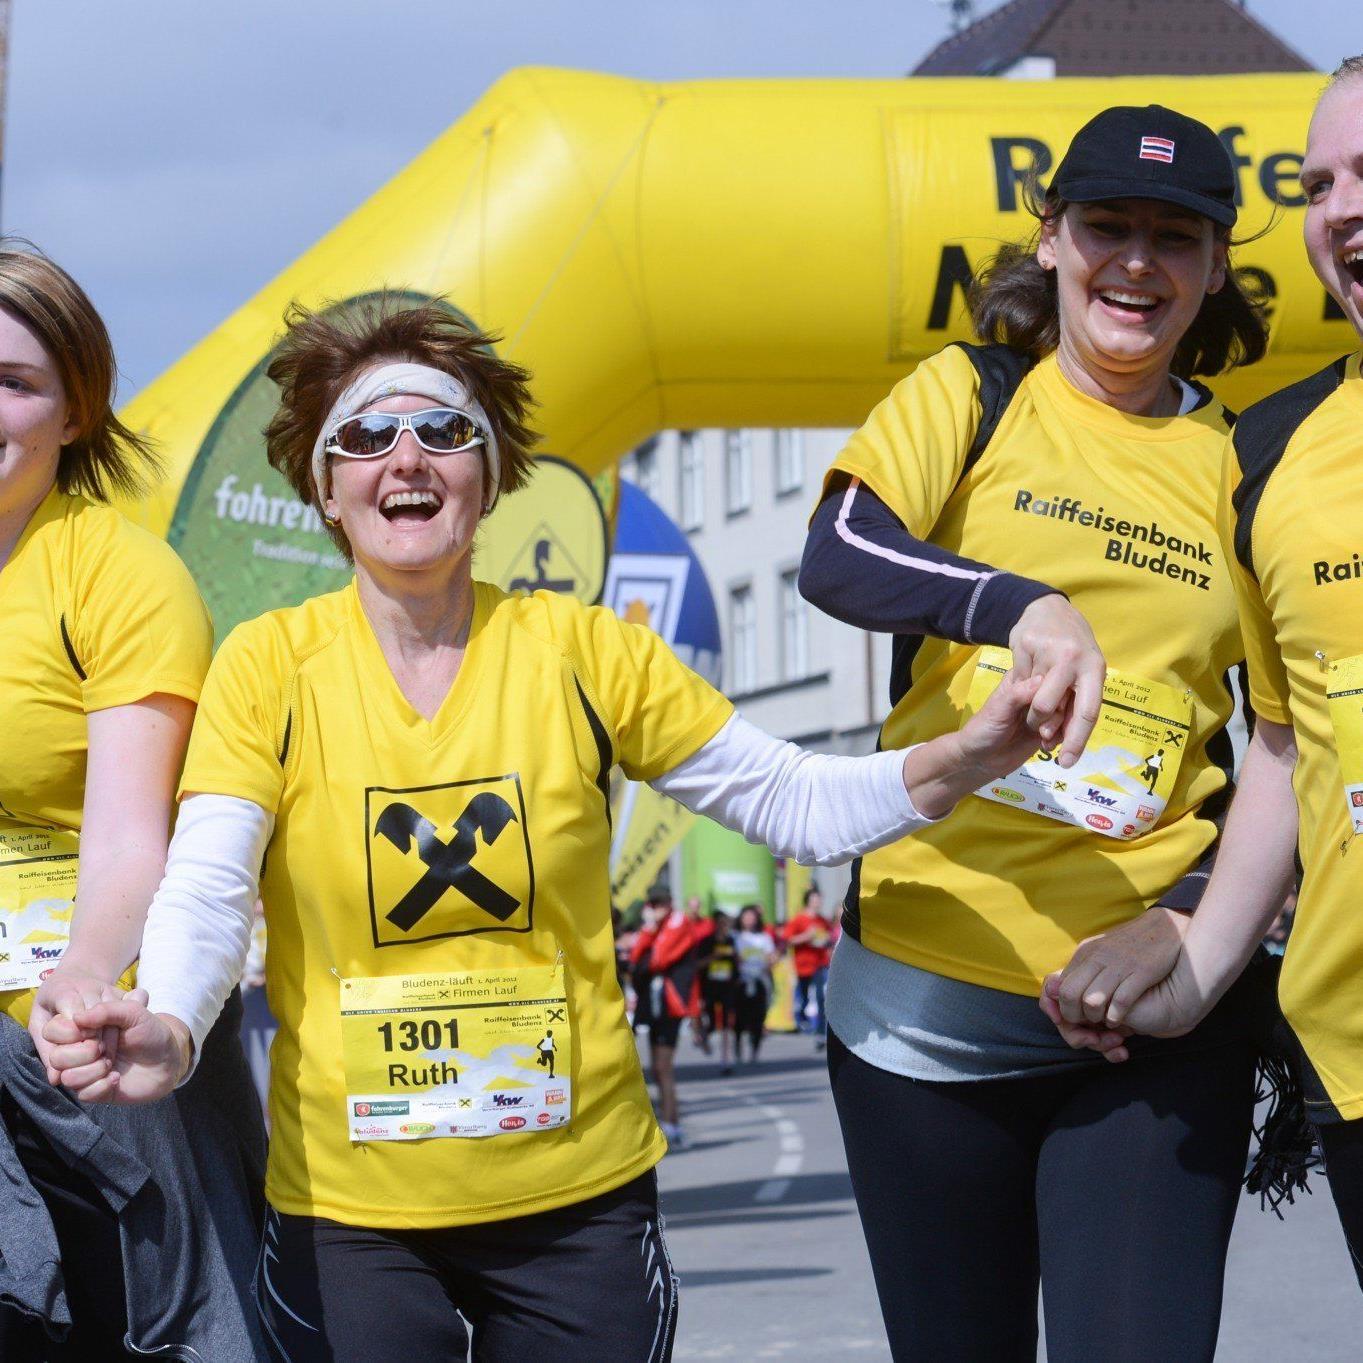 Etwa 3000 laufbegeisterte Sportler werden in der Alpenstadt Bludenz für ein Megaevent sorgen.